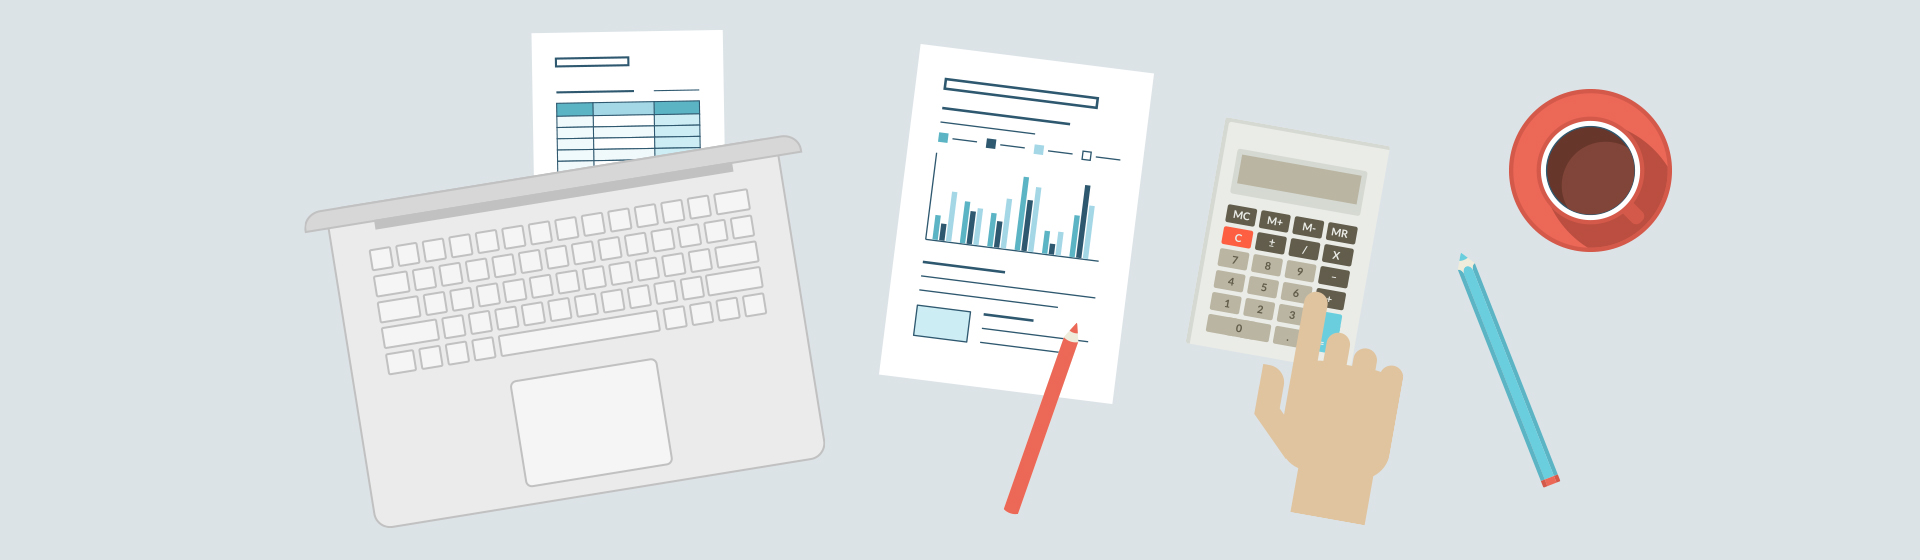 Ats contabilidade banner plataforma